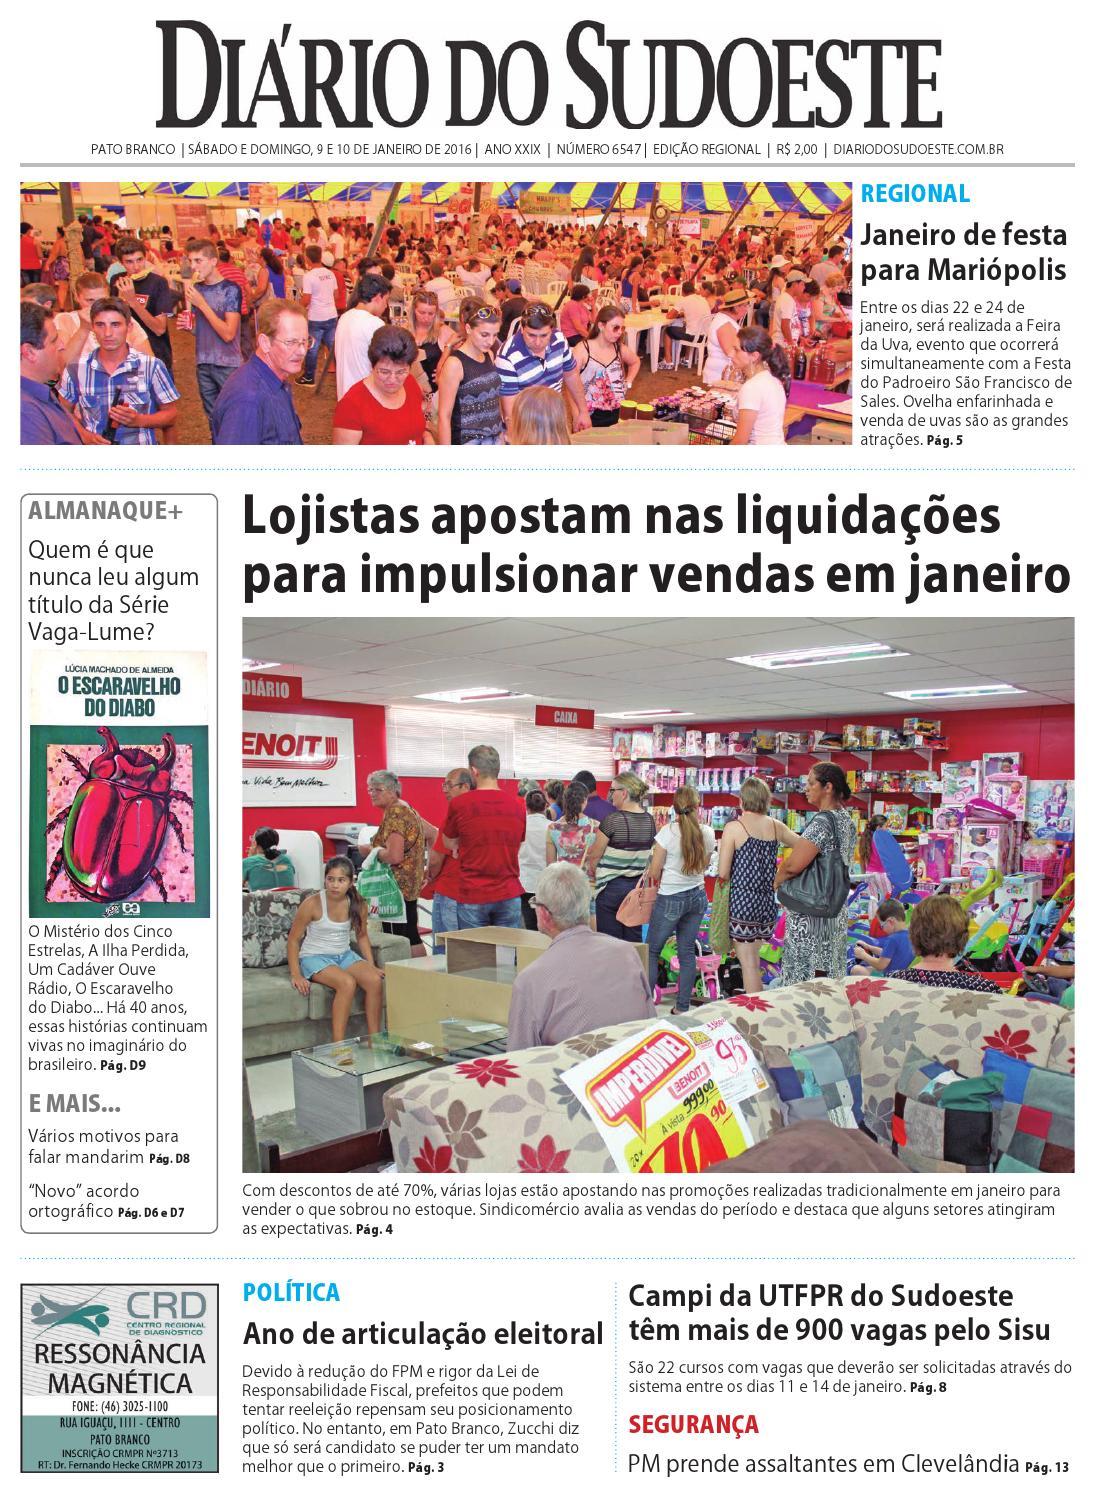 0c414408b Diário do sudoeste 9 e 10 de janeiro de 2016 ed 6547 by Diário do Sudoeste  - issuu